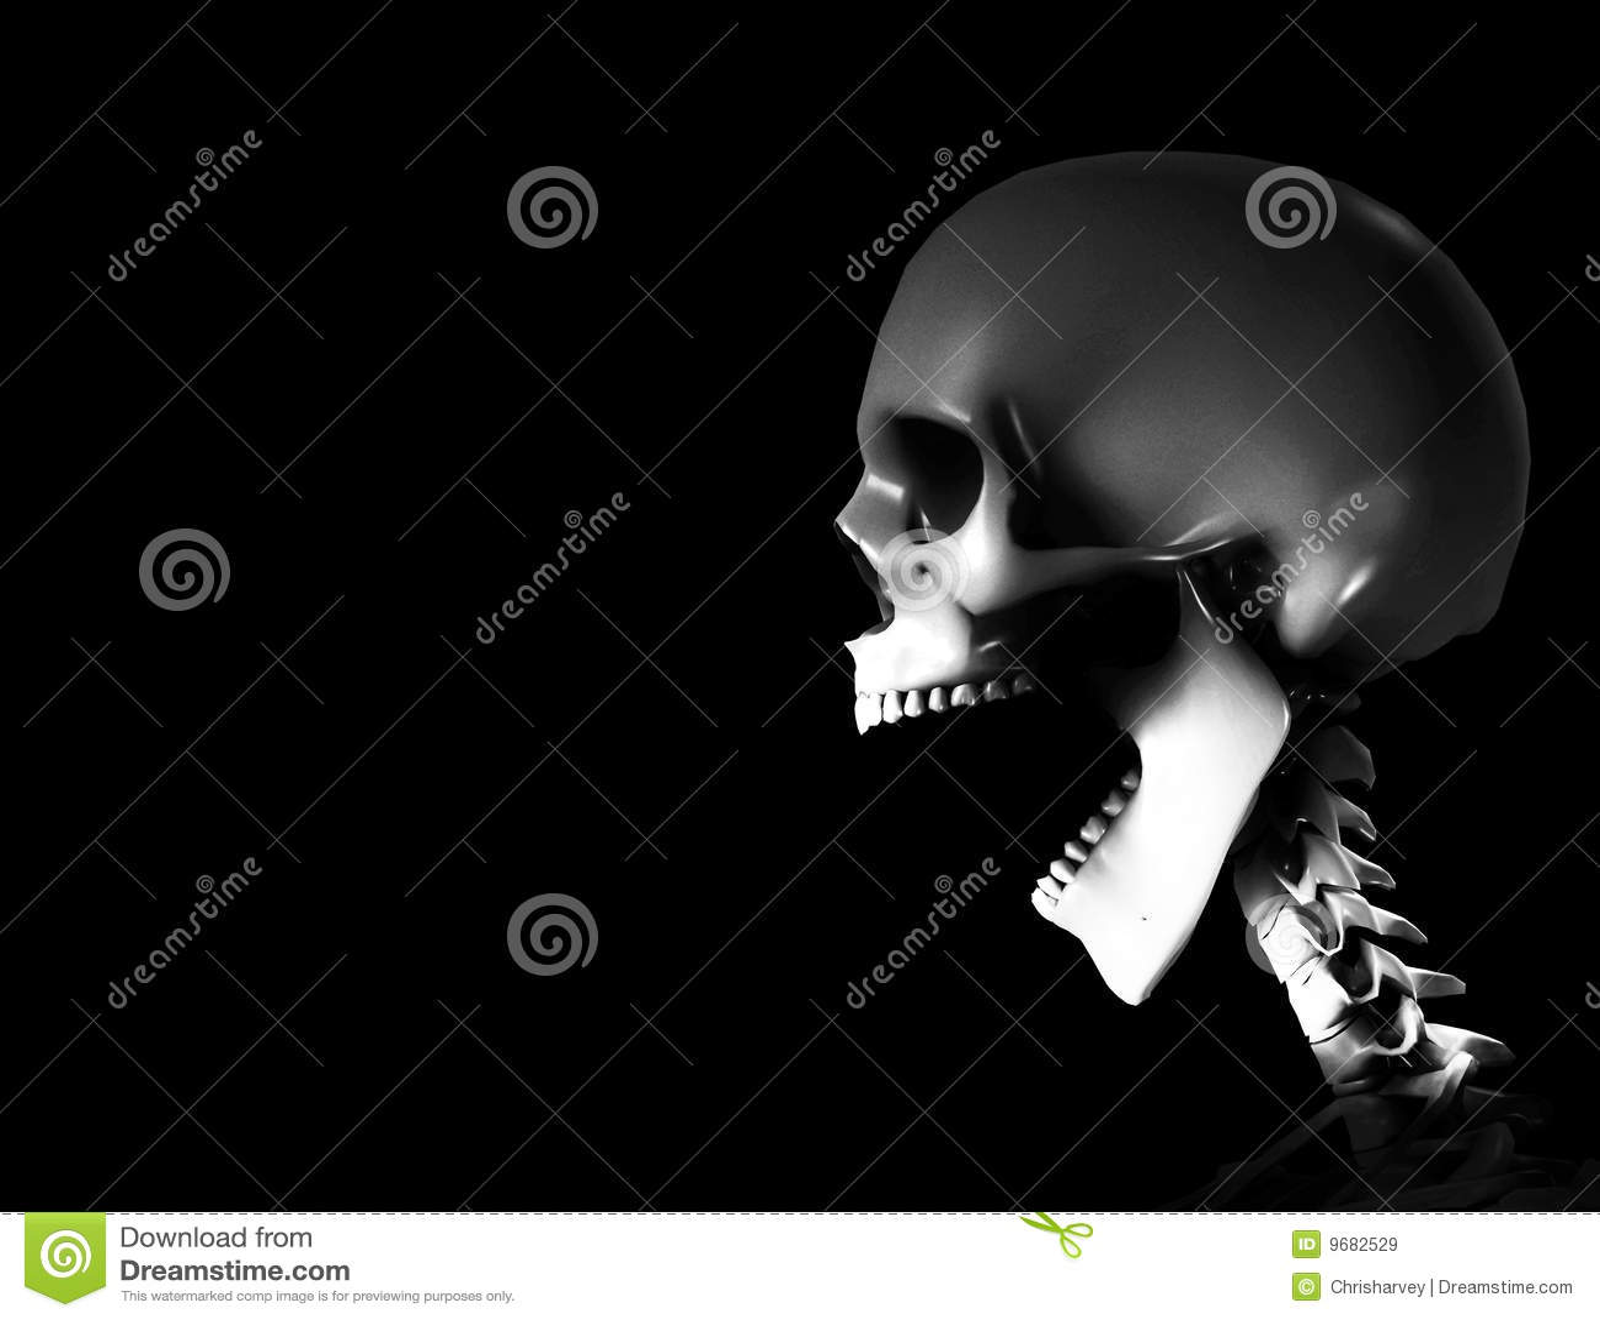 Squelette de cri